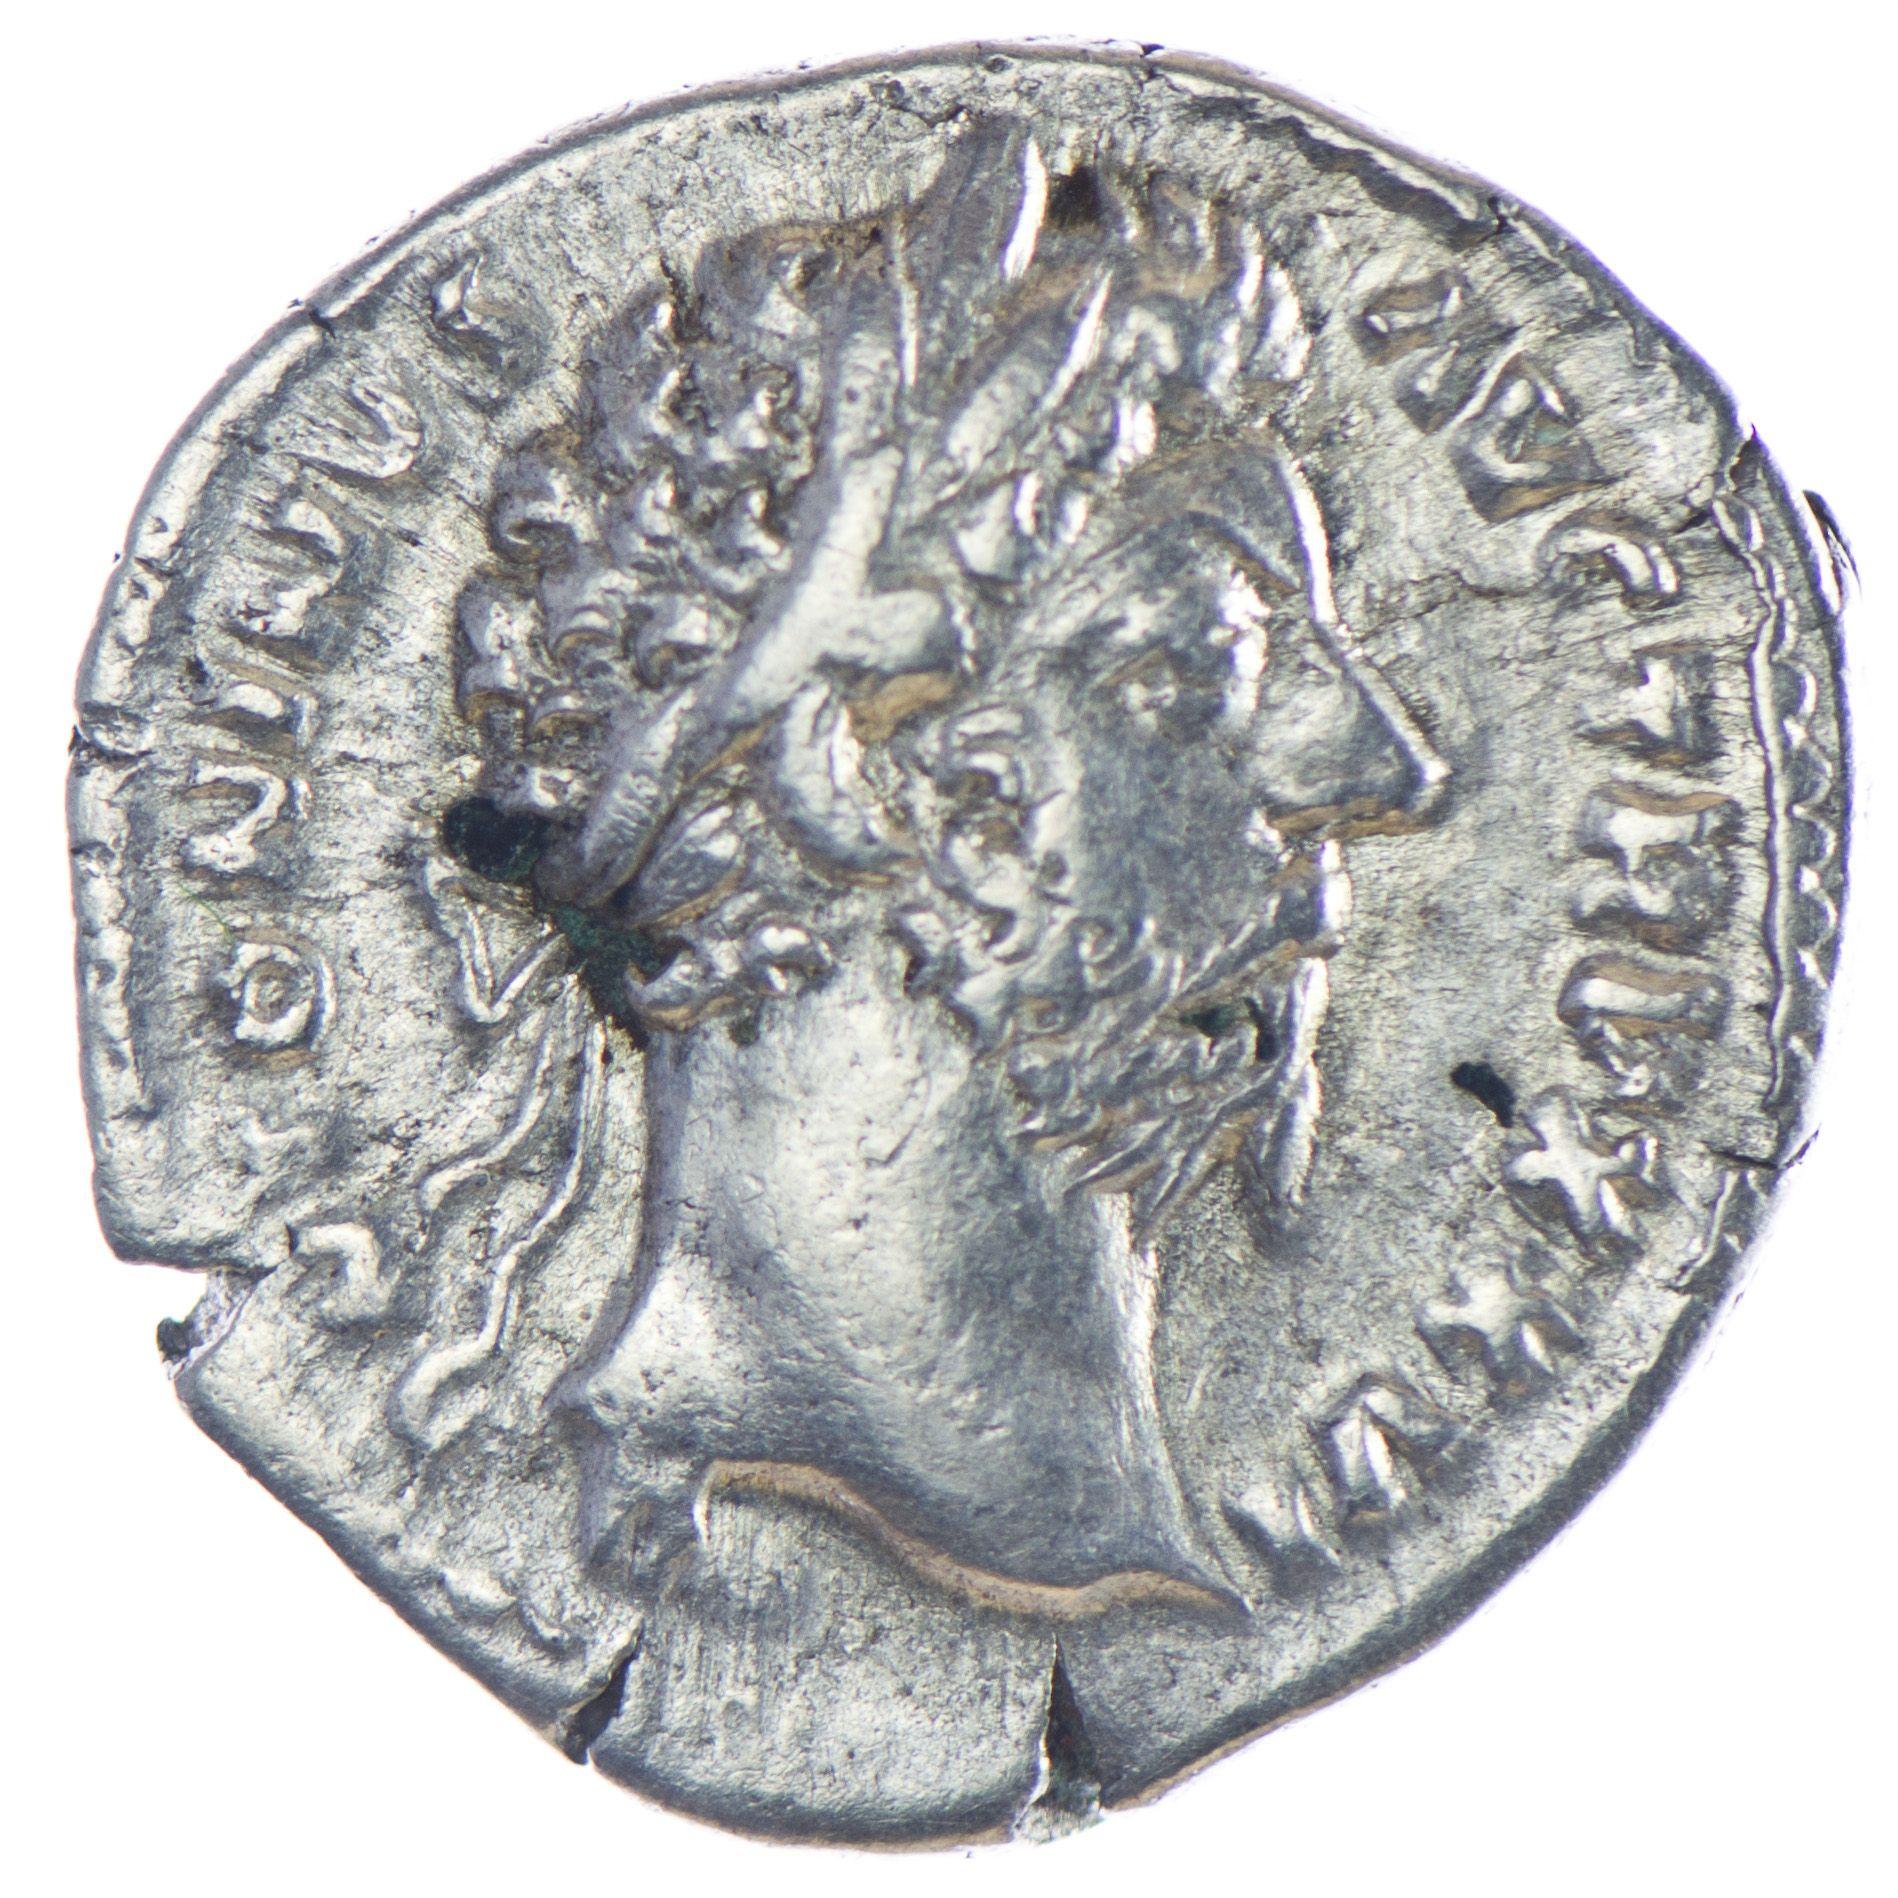 Marcus Aurelius 161 - 180 Denar, Silber Av: M ANTONINVS AVG TRP XXVI, belorbeerter Kopf n. r., Rv: IMP VI COS III, Roma sitzt nach links, in der Rechten eine Victoria und in der Linken einen Speer; davor ein Schild